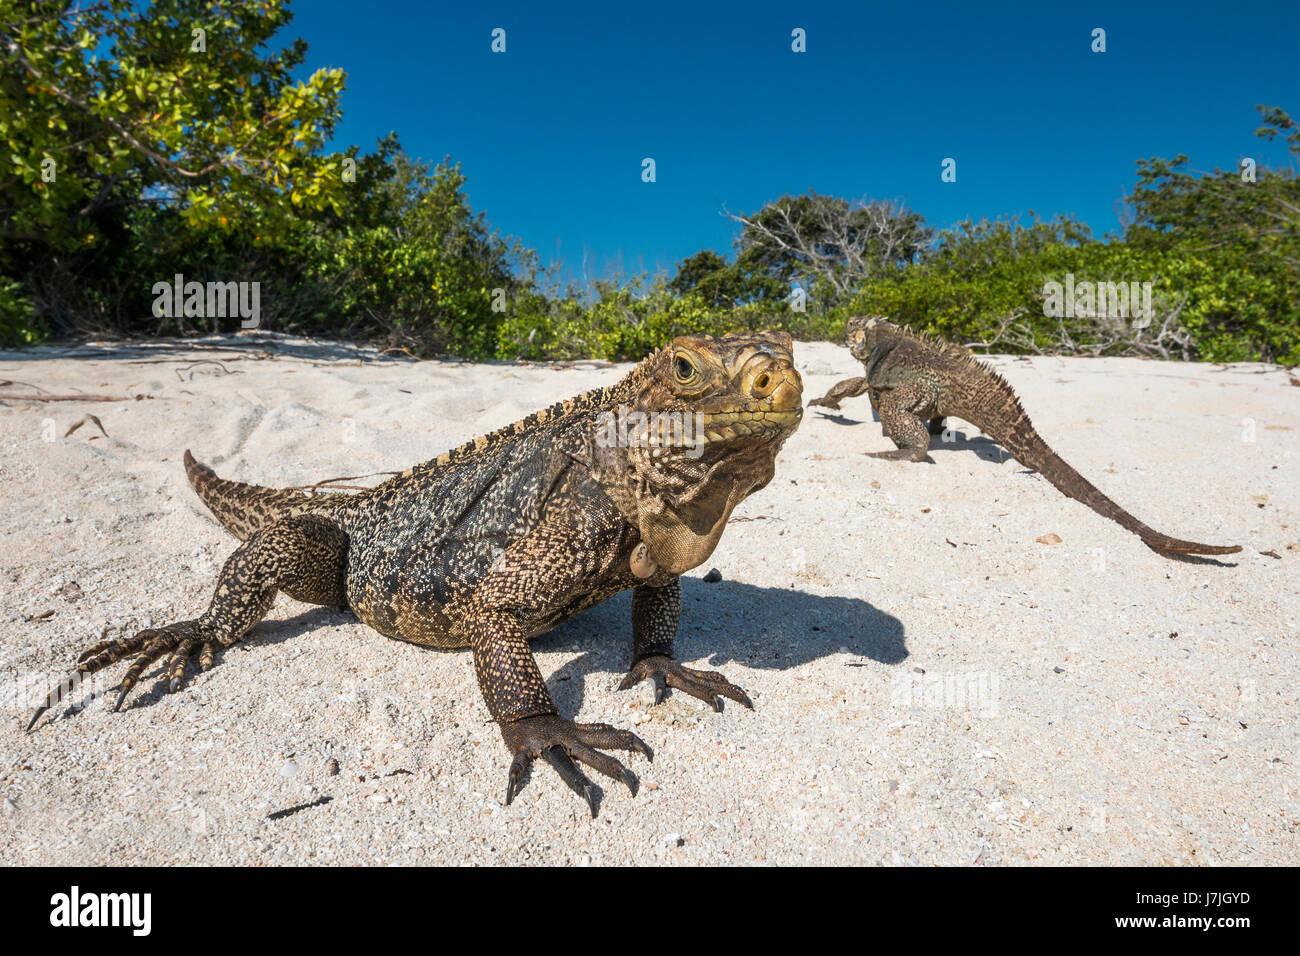 Cuban Rock Iguana, Cyclura nubila, Jardines de la Reina, Cuba - Stock Image